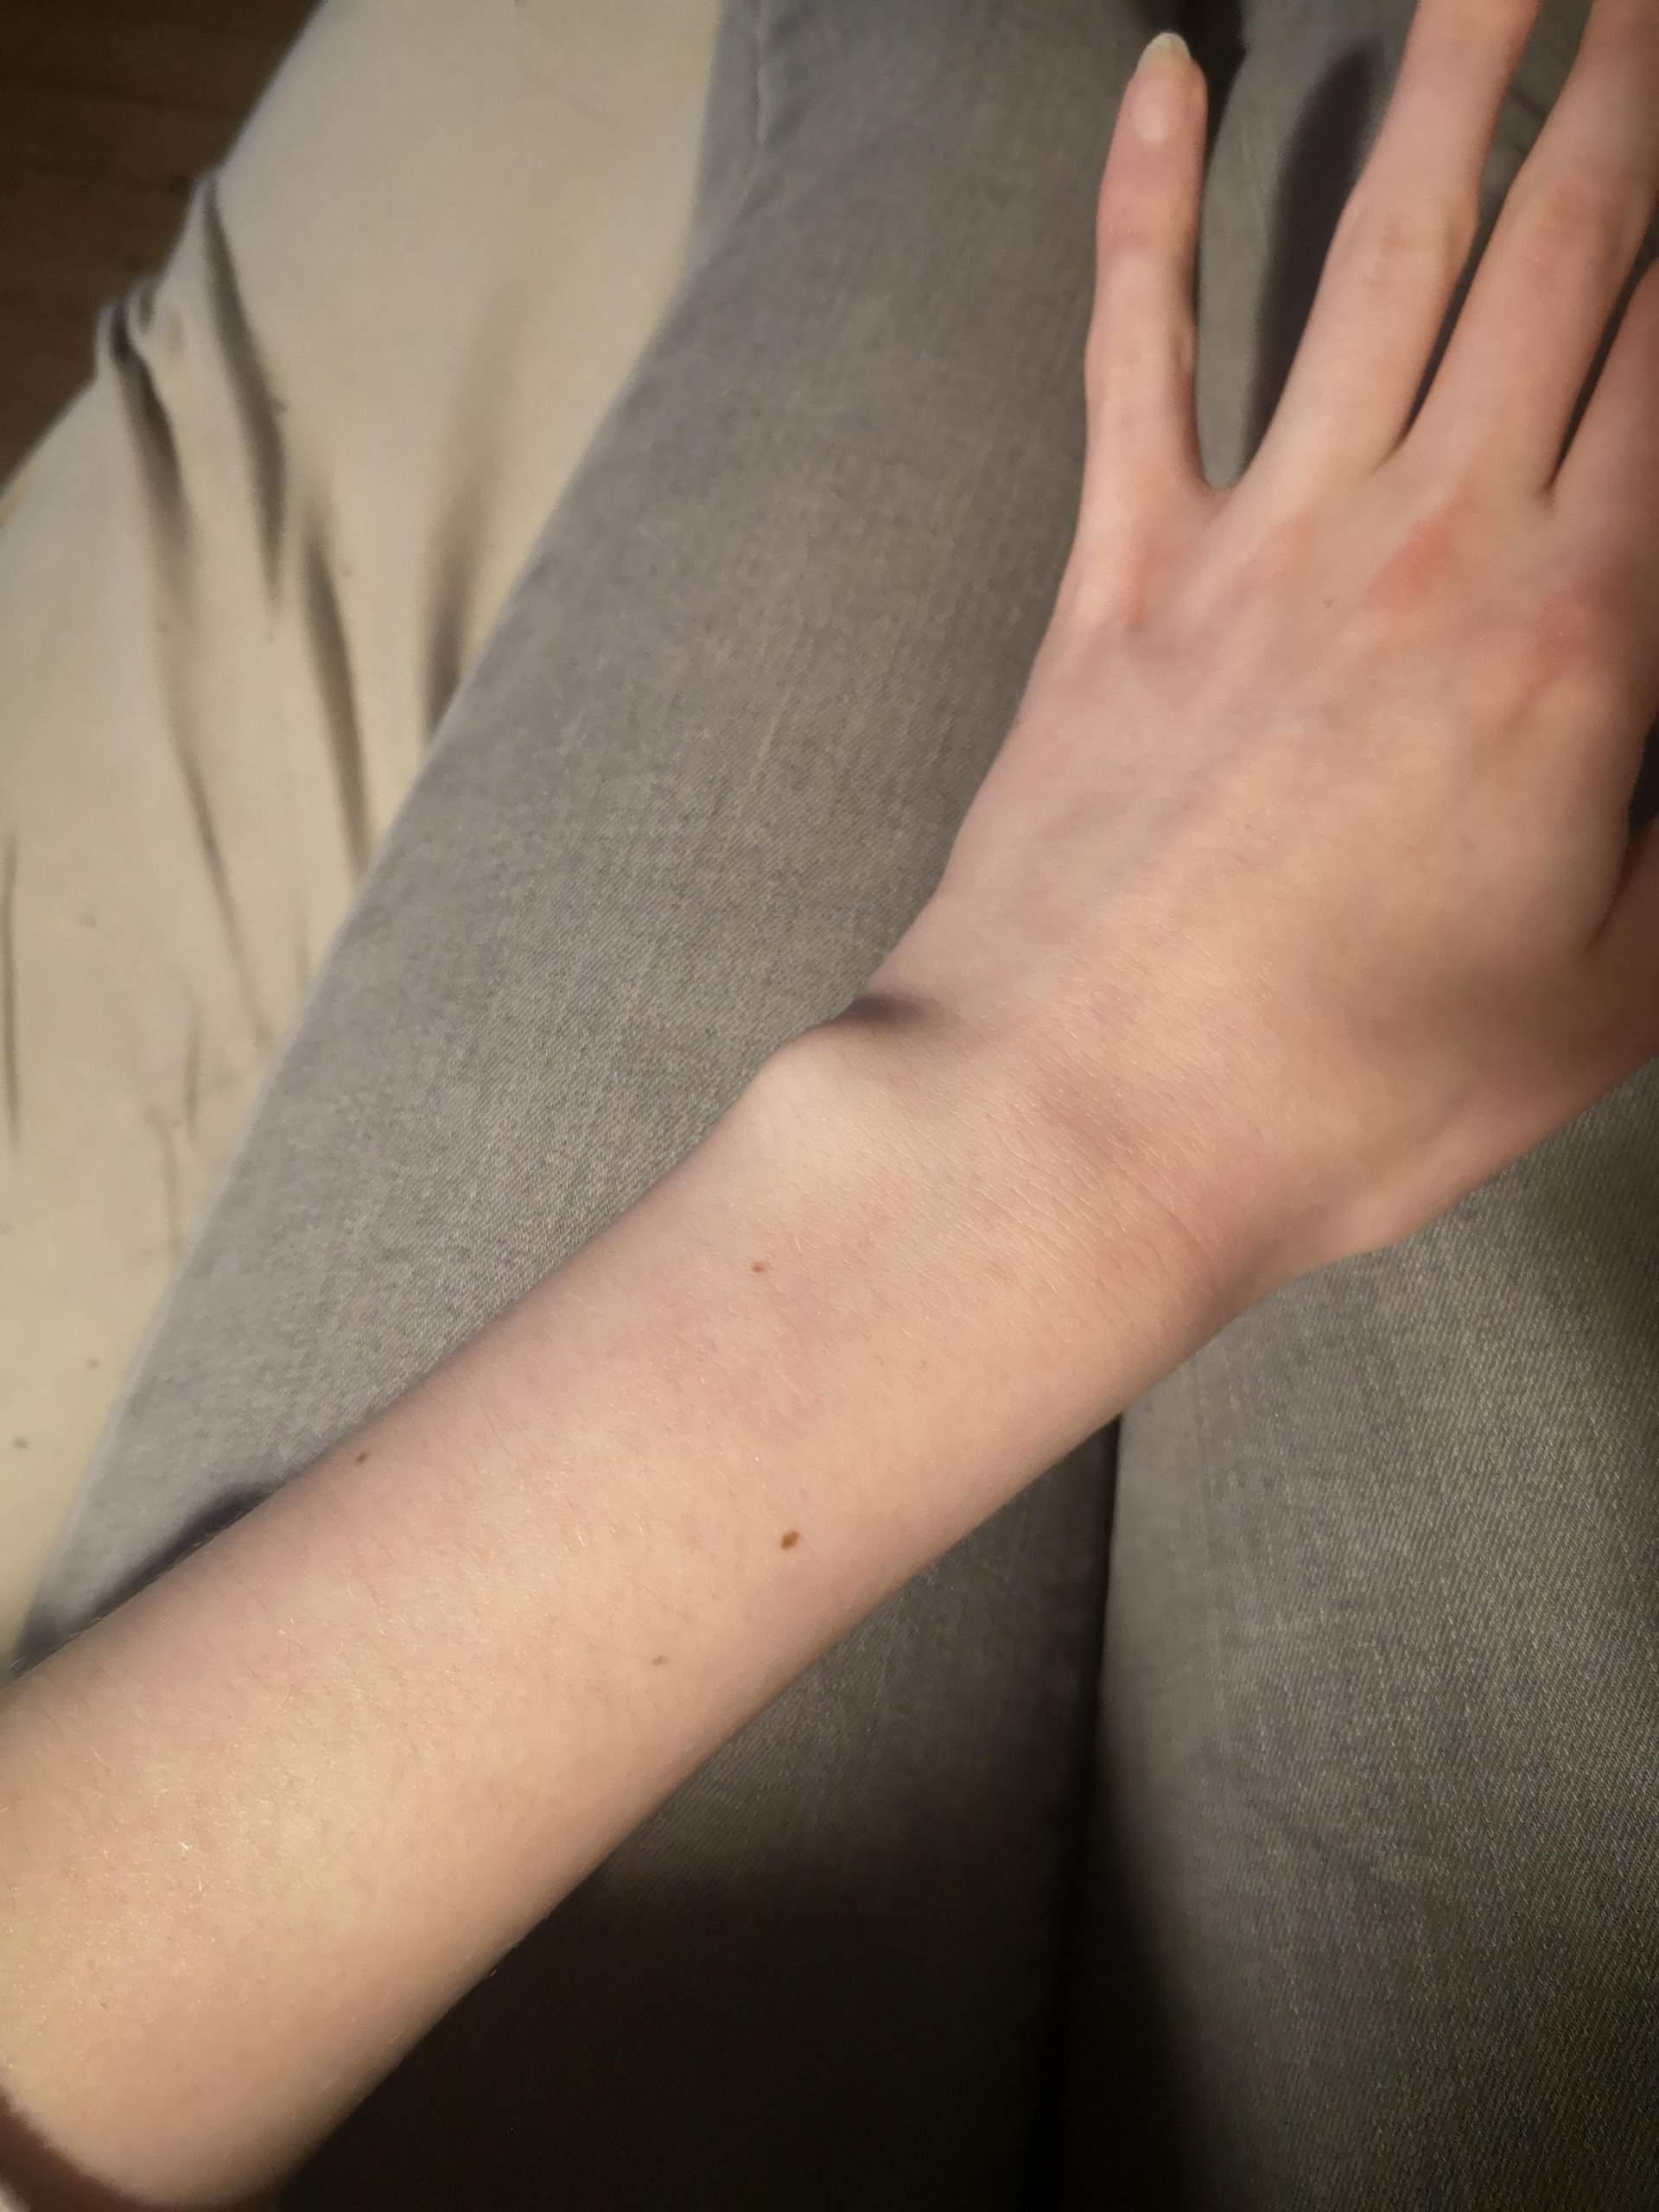 Dünne handgelenke